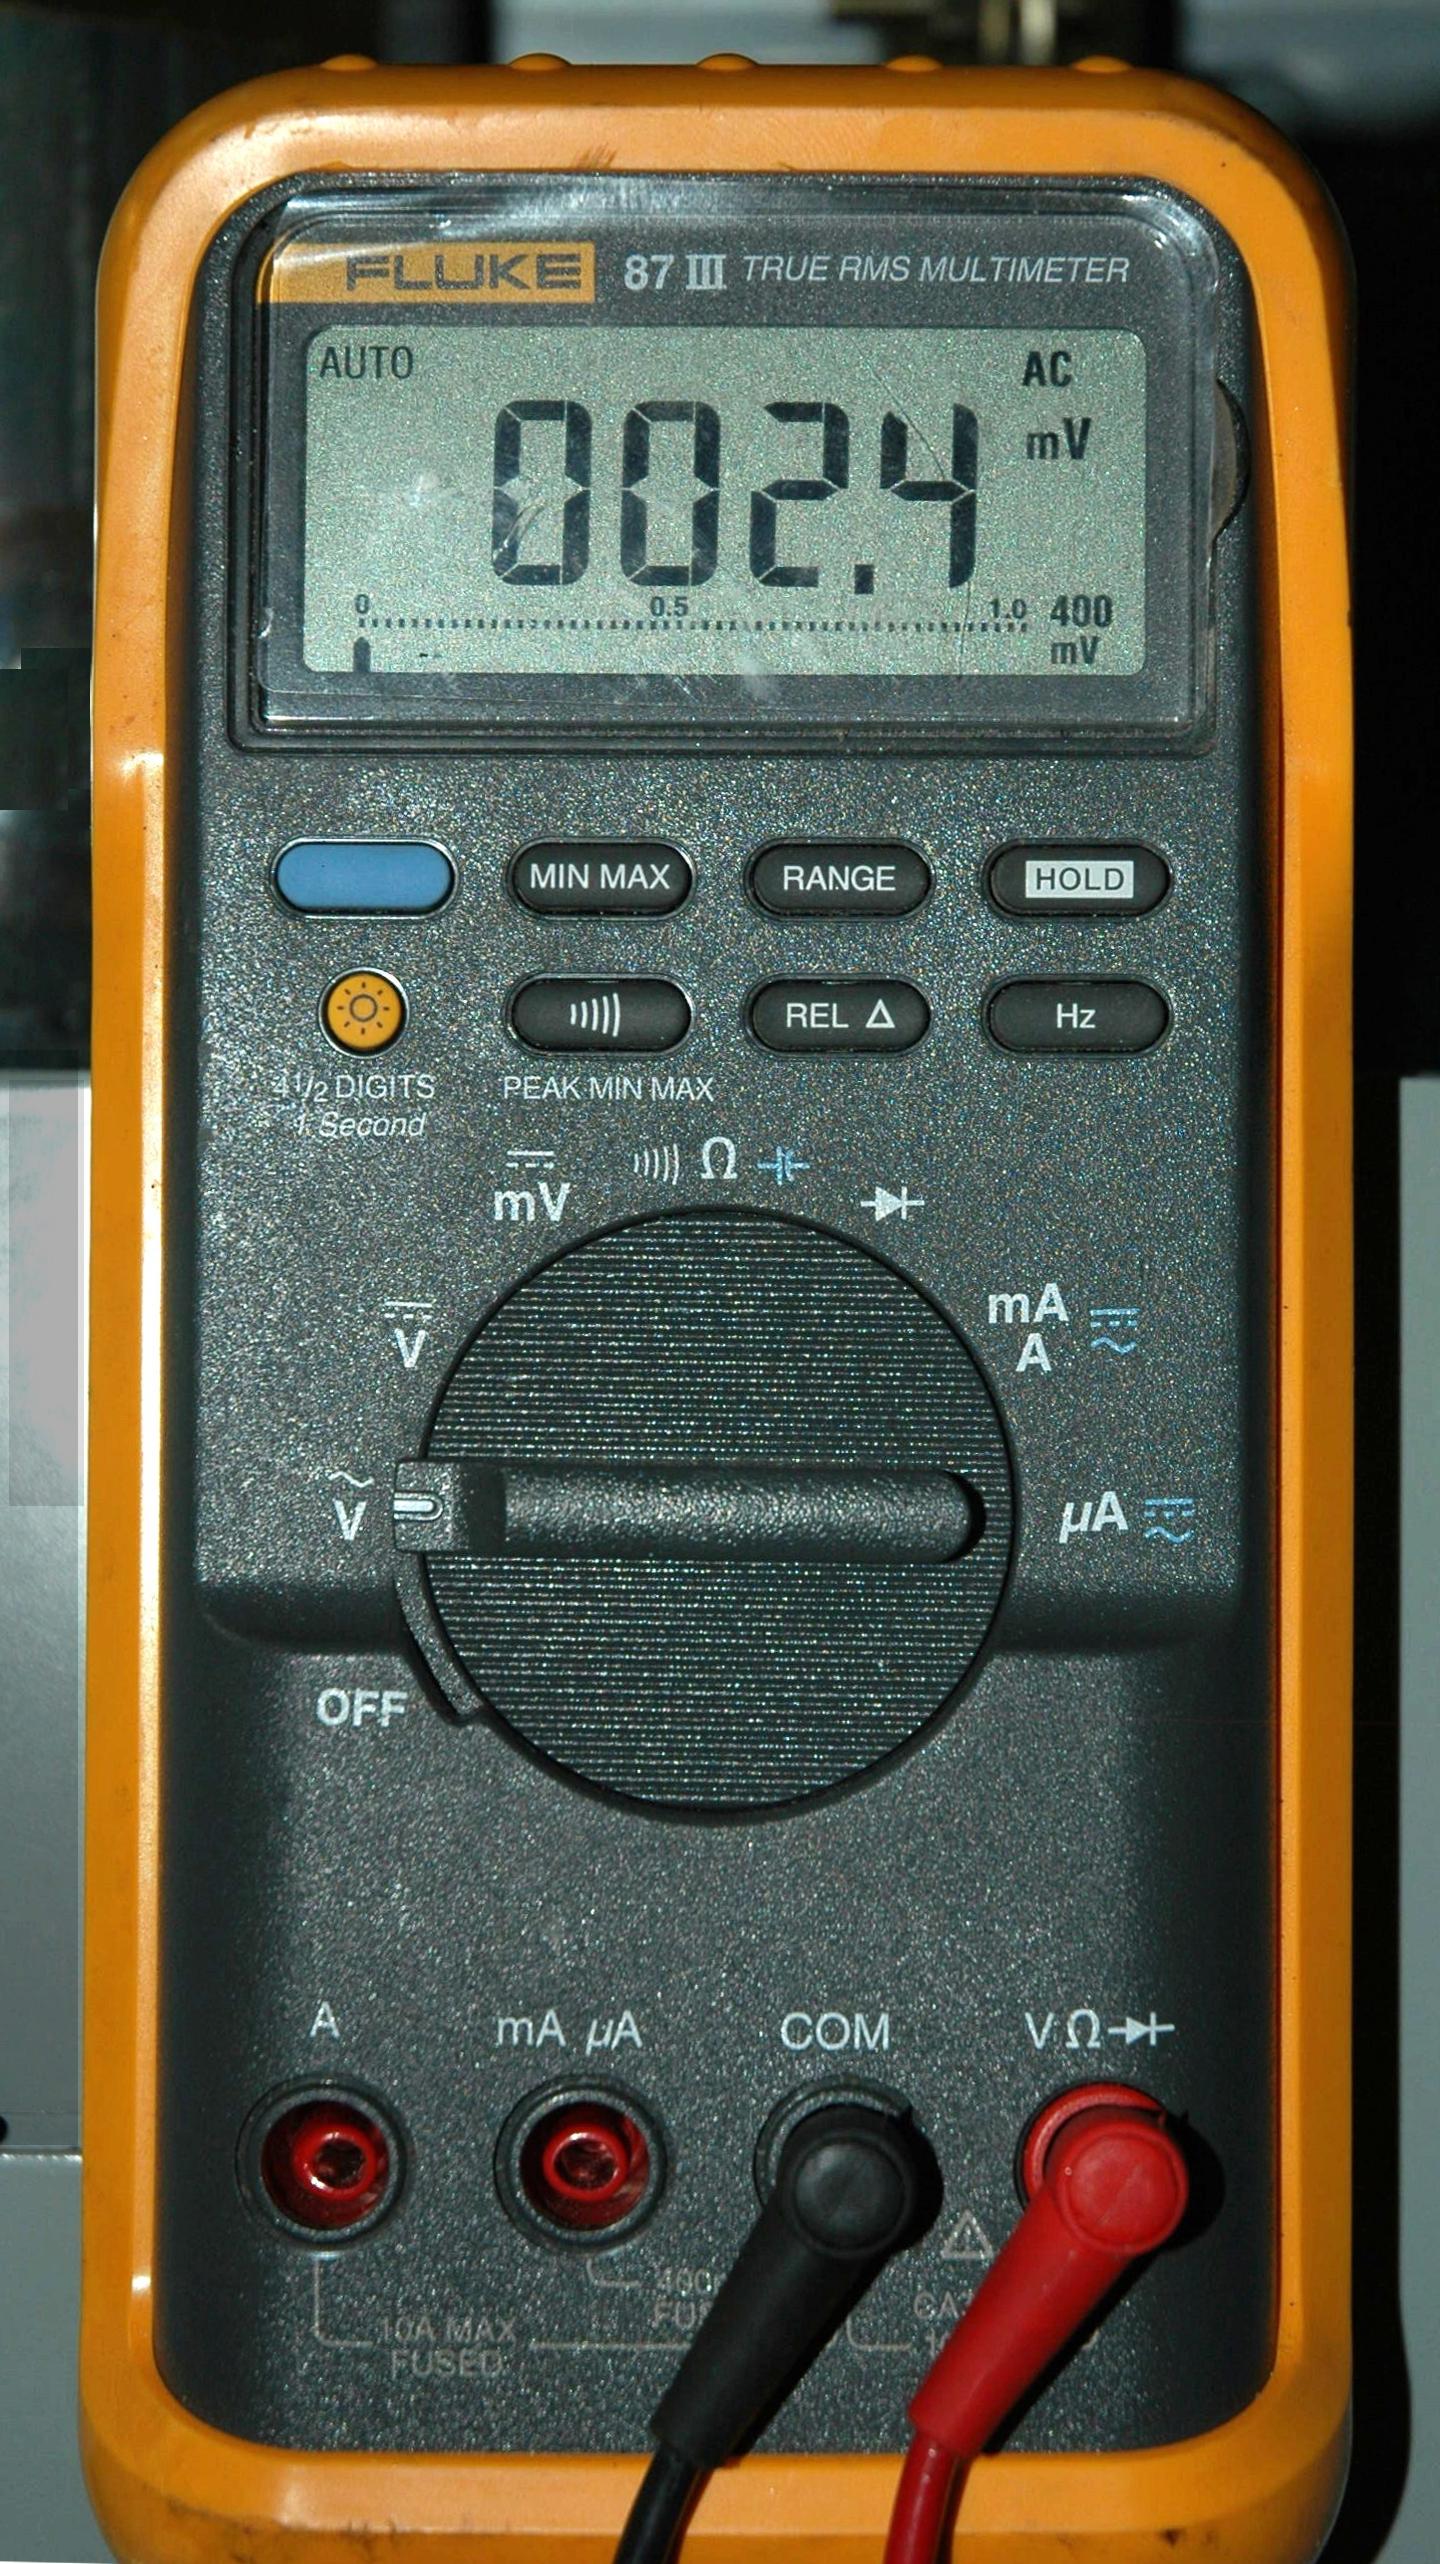 True Rms Dmm True Rms Multimeter-2.jpg